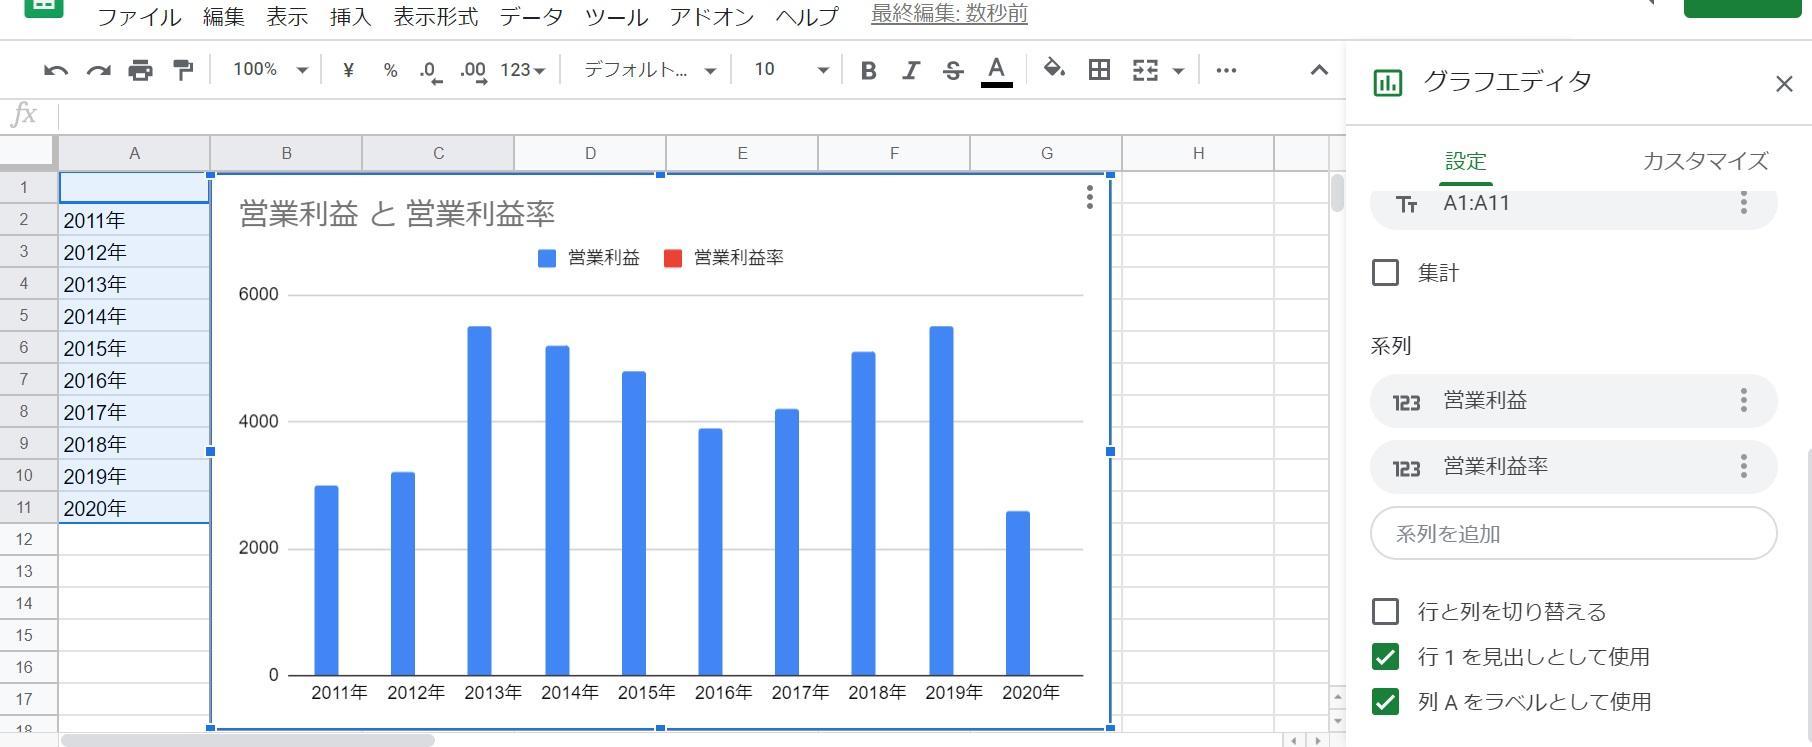 2本の棒グラフ